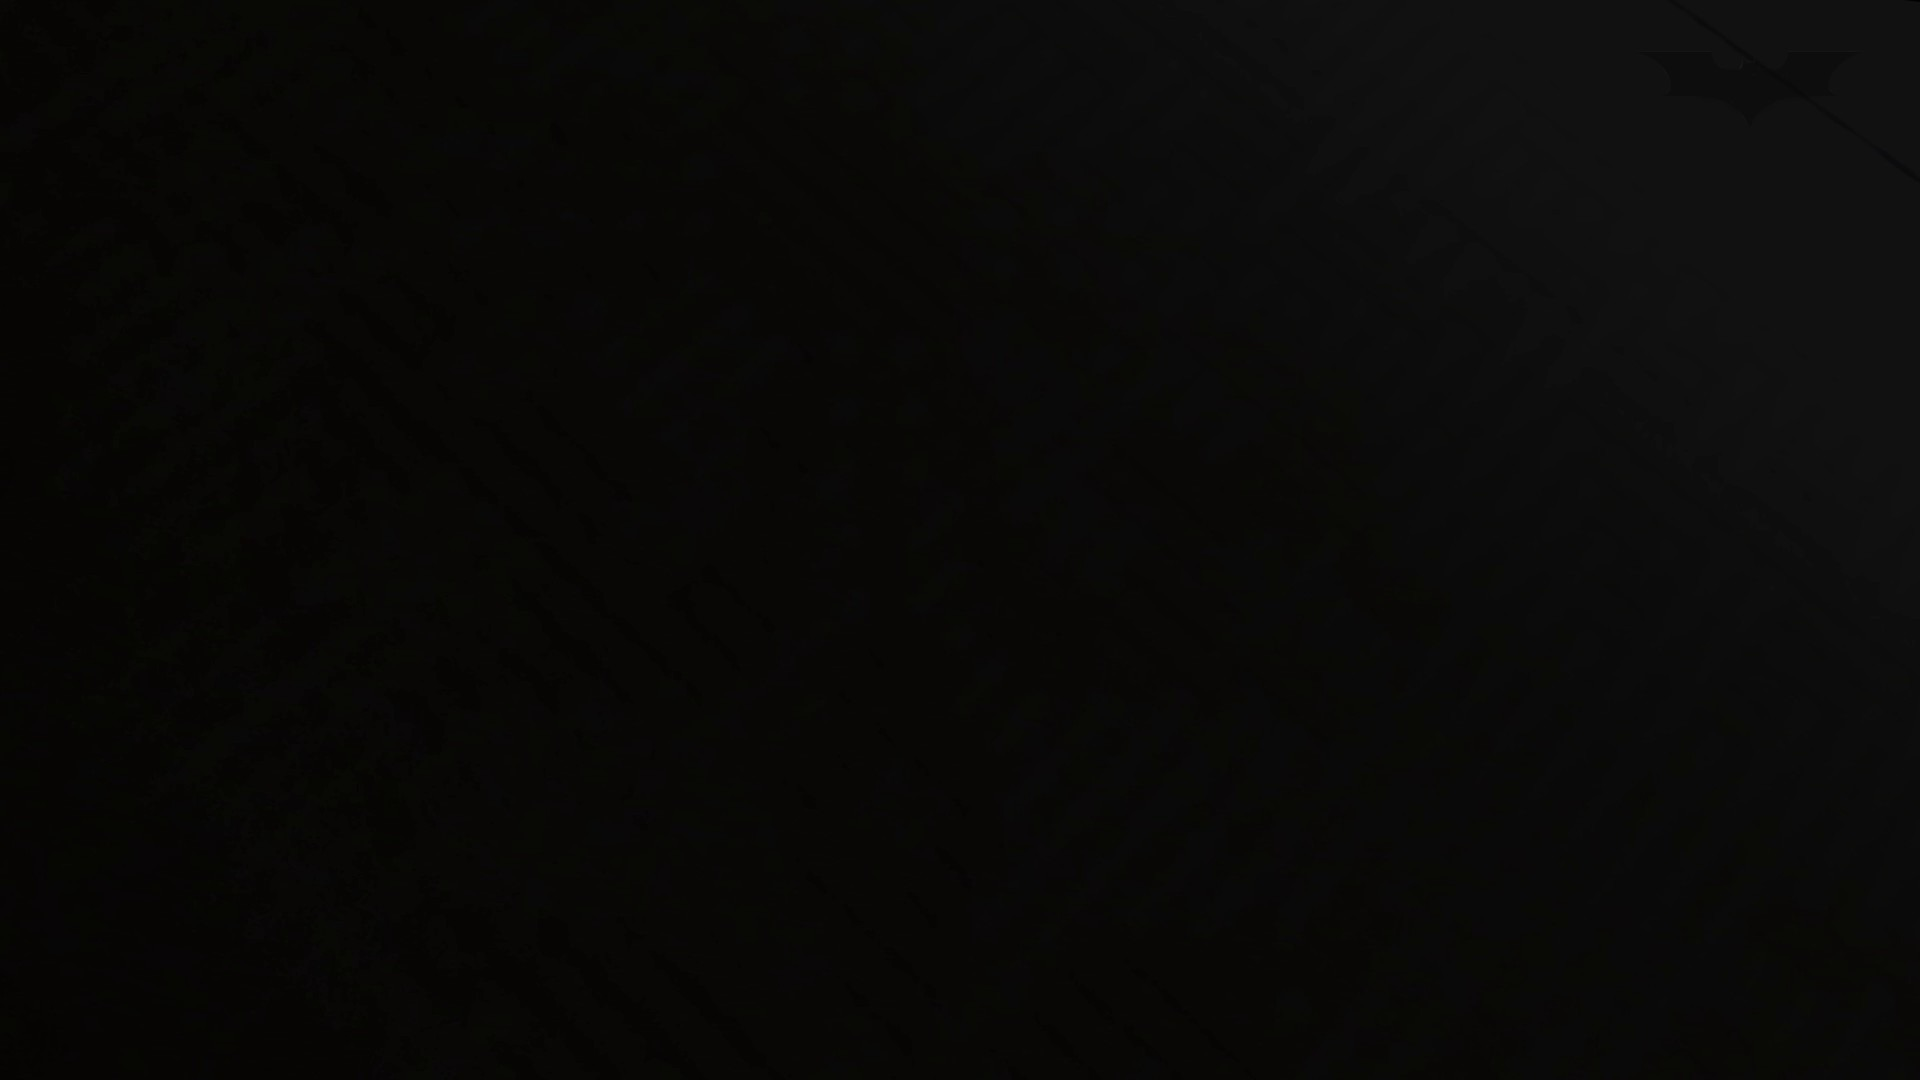 芸術大学ガチ潜入盗撮 JD盗撮 美女の洗面所の秘密 Vol.108 潜入エロ調査 | トイレ中  86連発 63